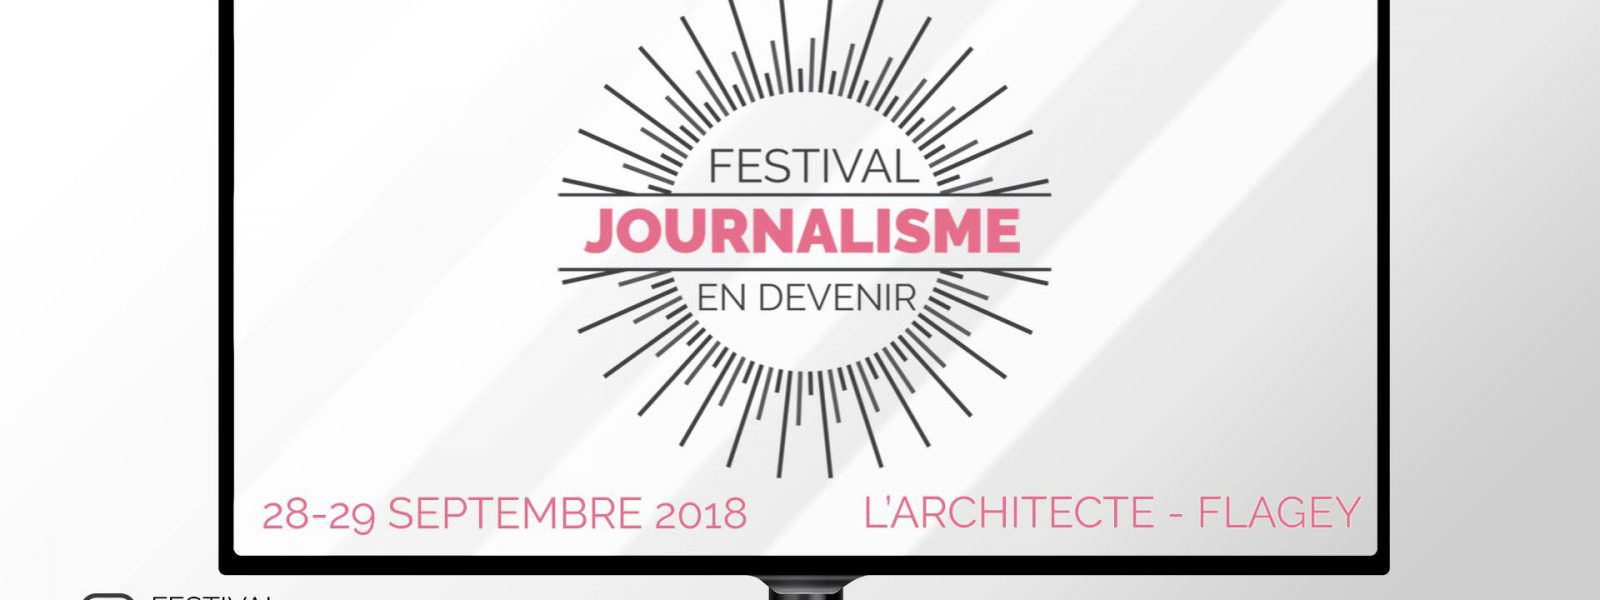 Le Festival Journalisme en Devenir propose découvrir des productions télévisuelles d'étudiants de l'ULB